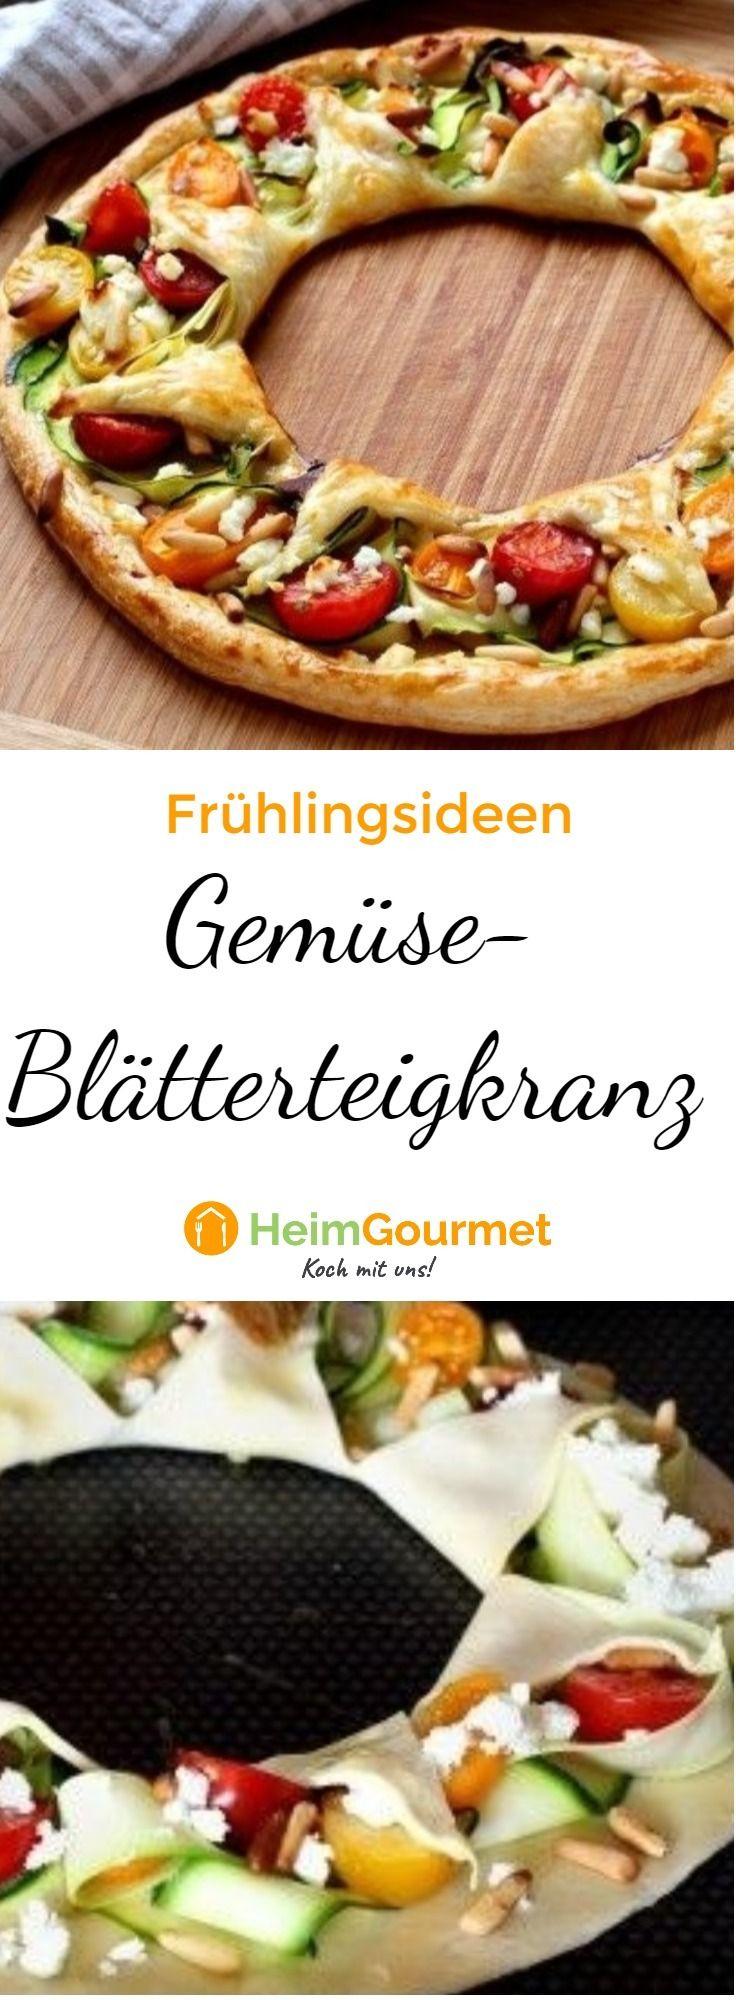 Faszinierend leckerer Gemüse-BLÄTTERTEIG-Kranz mit frechen PINIENKERNEN – so geht's! – Angelika